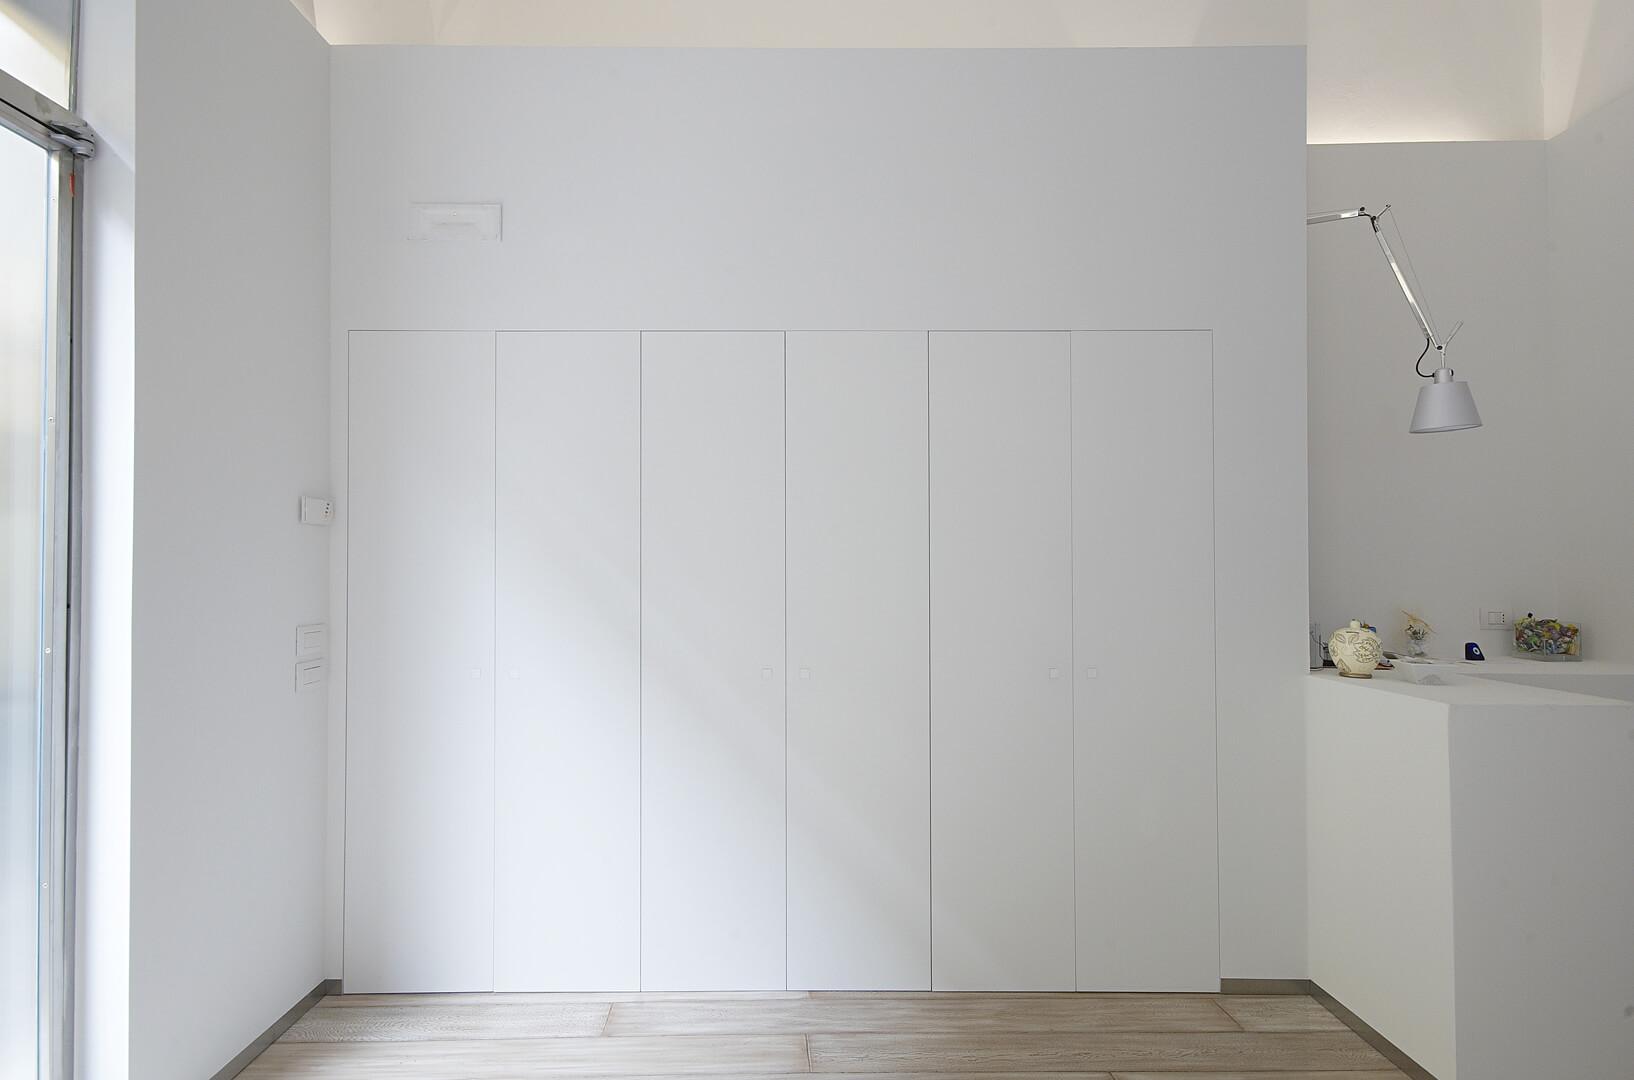 foto di armadio filomuro con ante alte chiuse